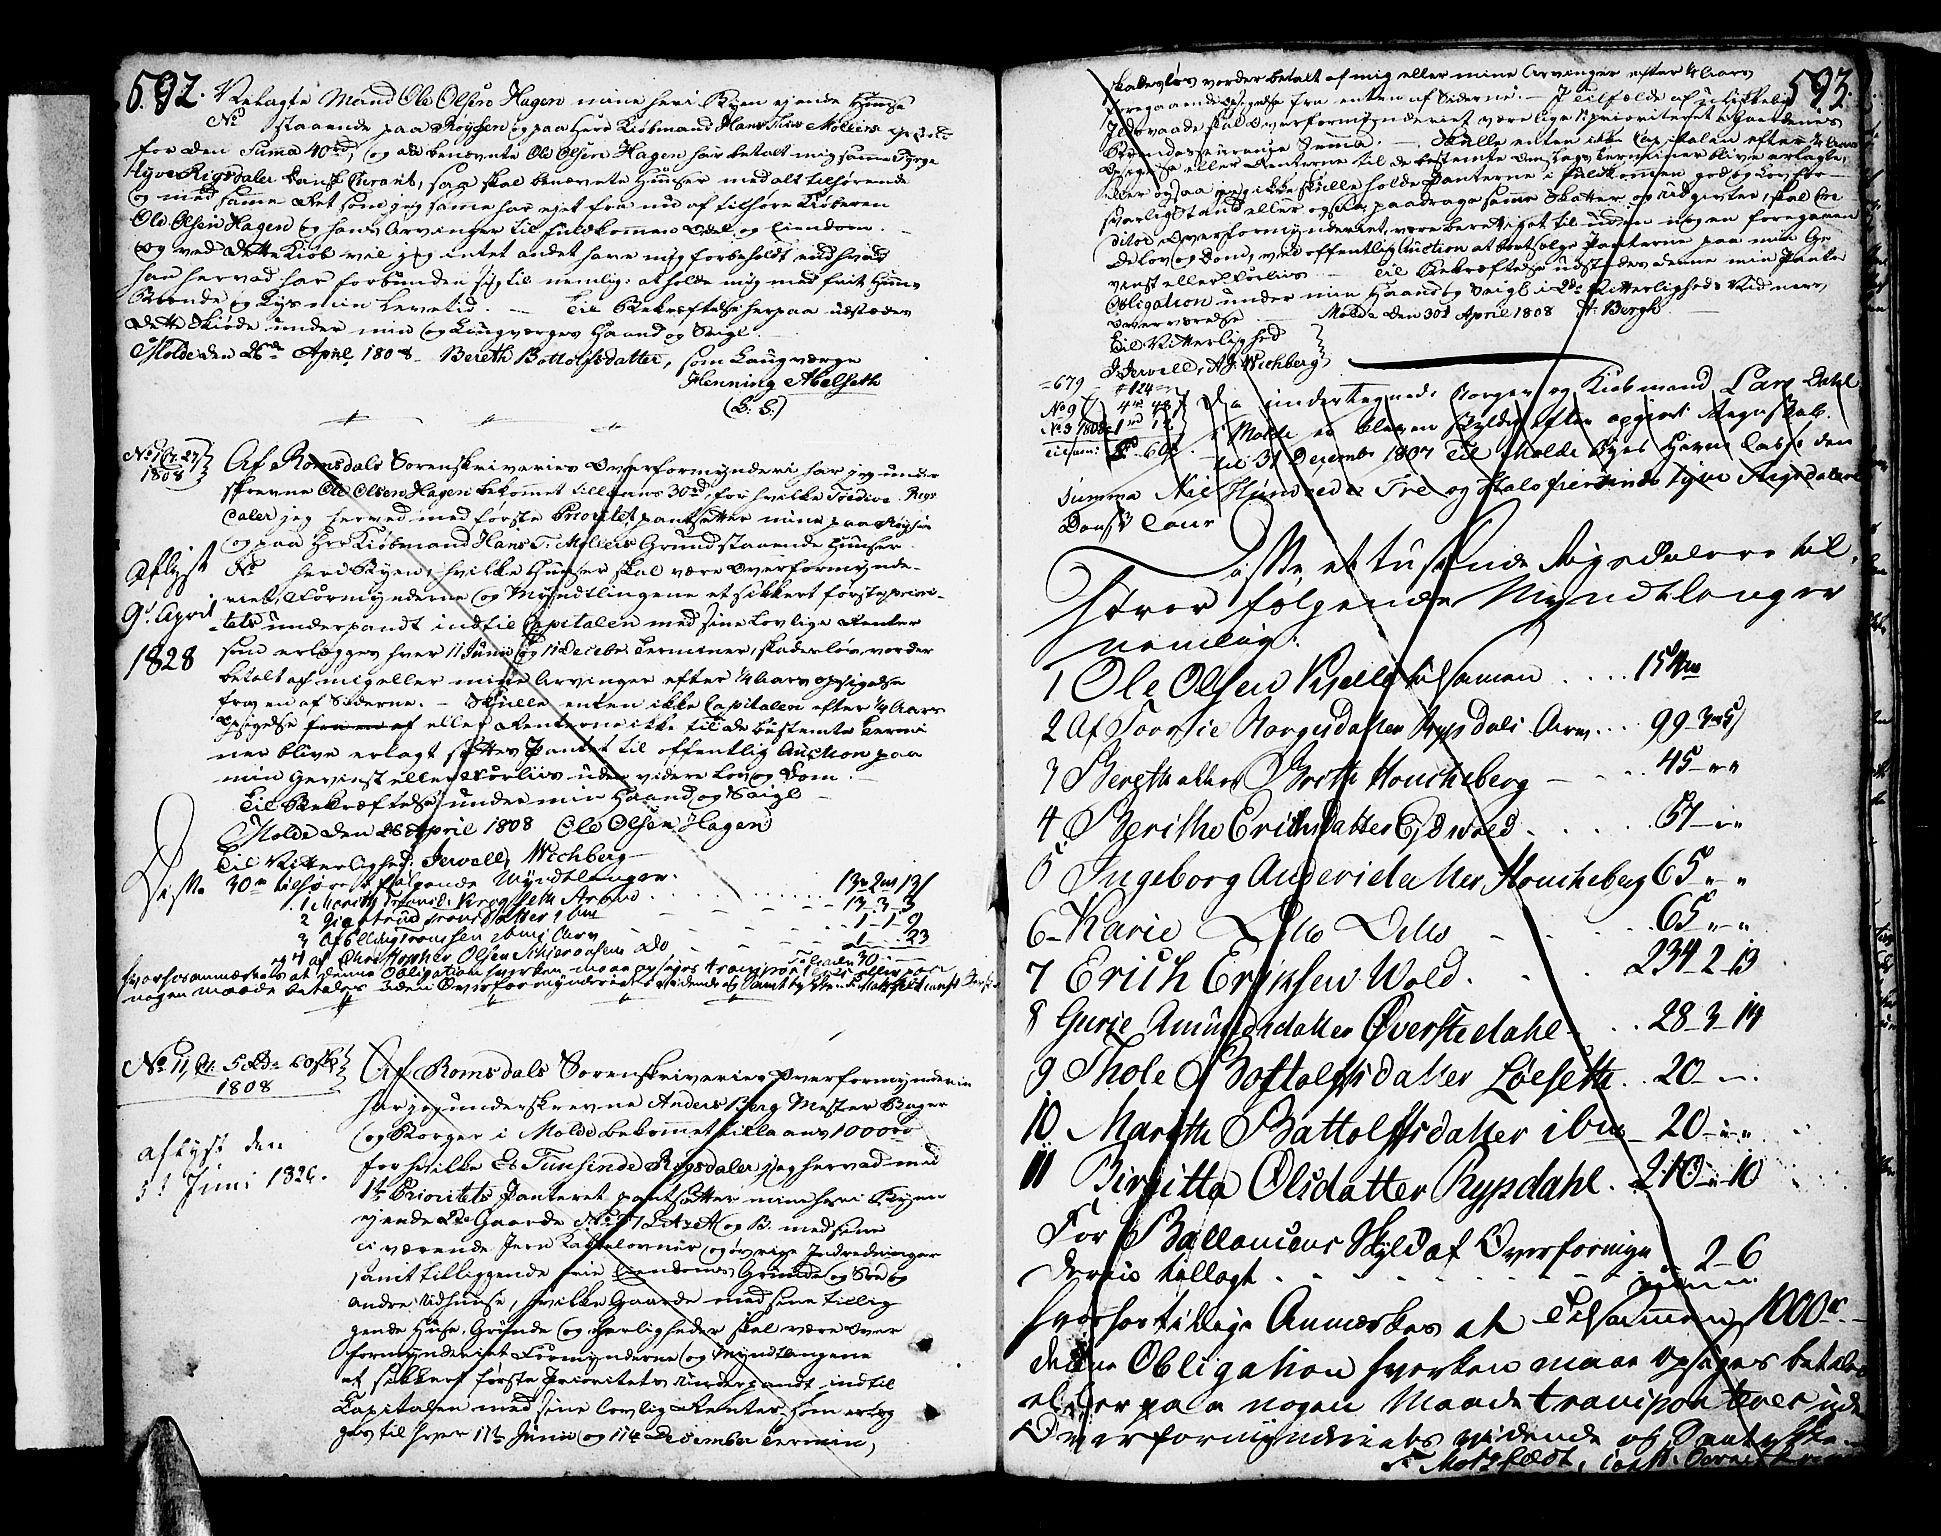 SAT, Molde byfogd, 2/2C/L0001: Pantebok nr. 1, 1748-1823, s. 592-593